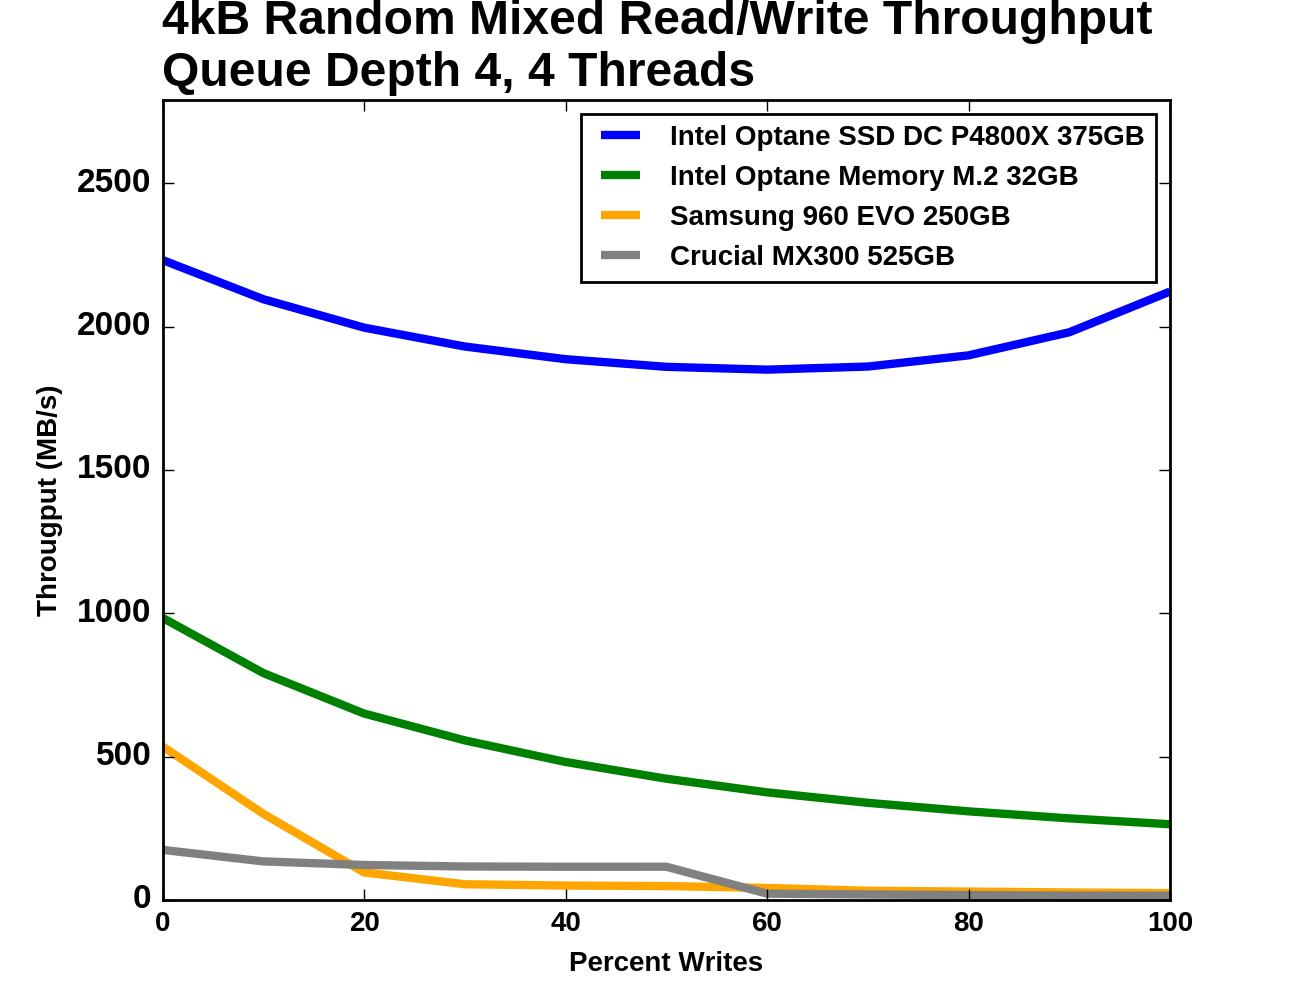 Mixed Random Read/Write Throughput